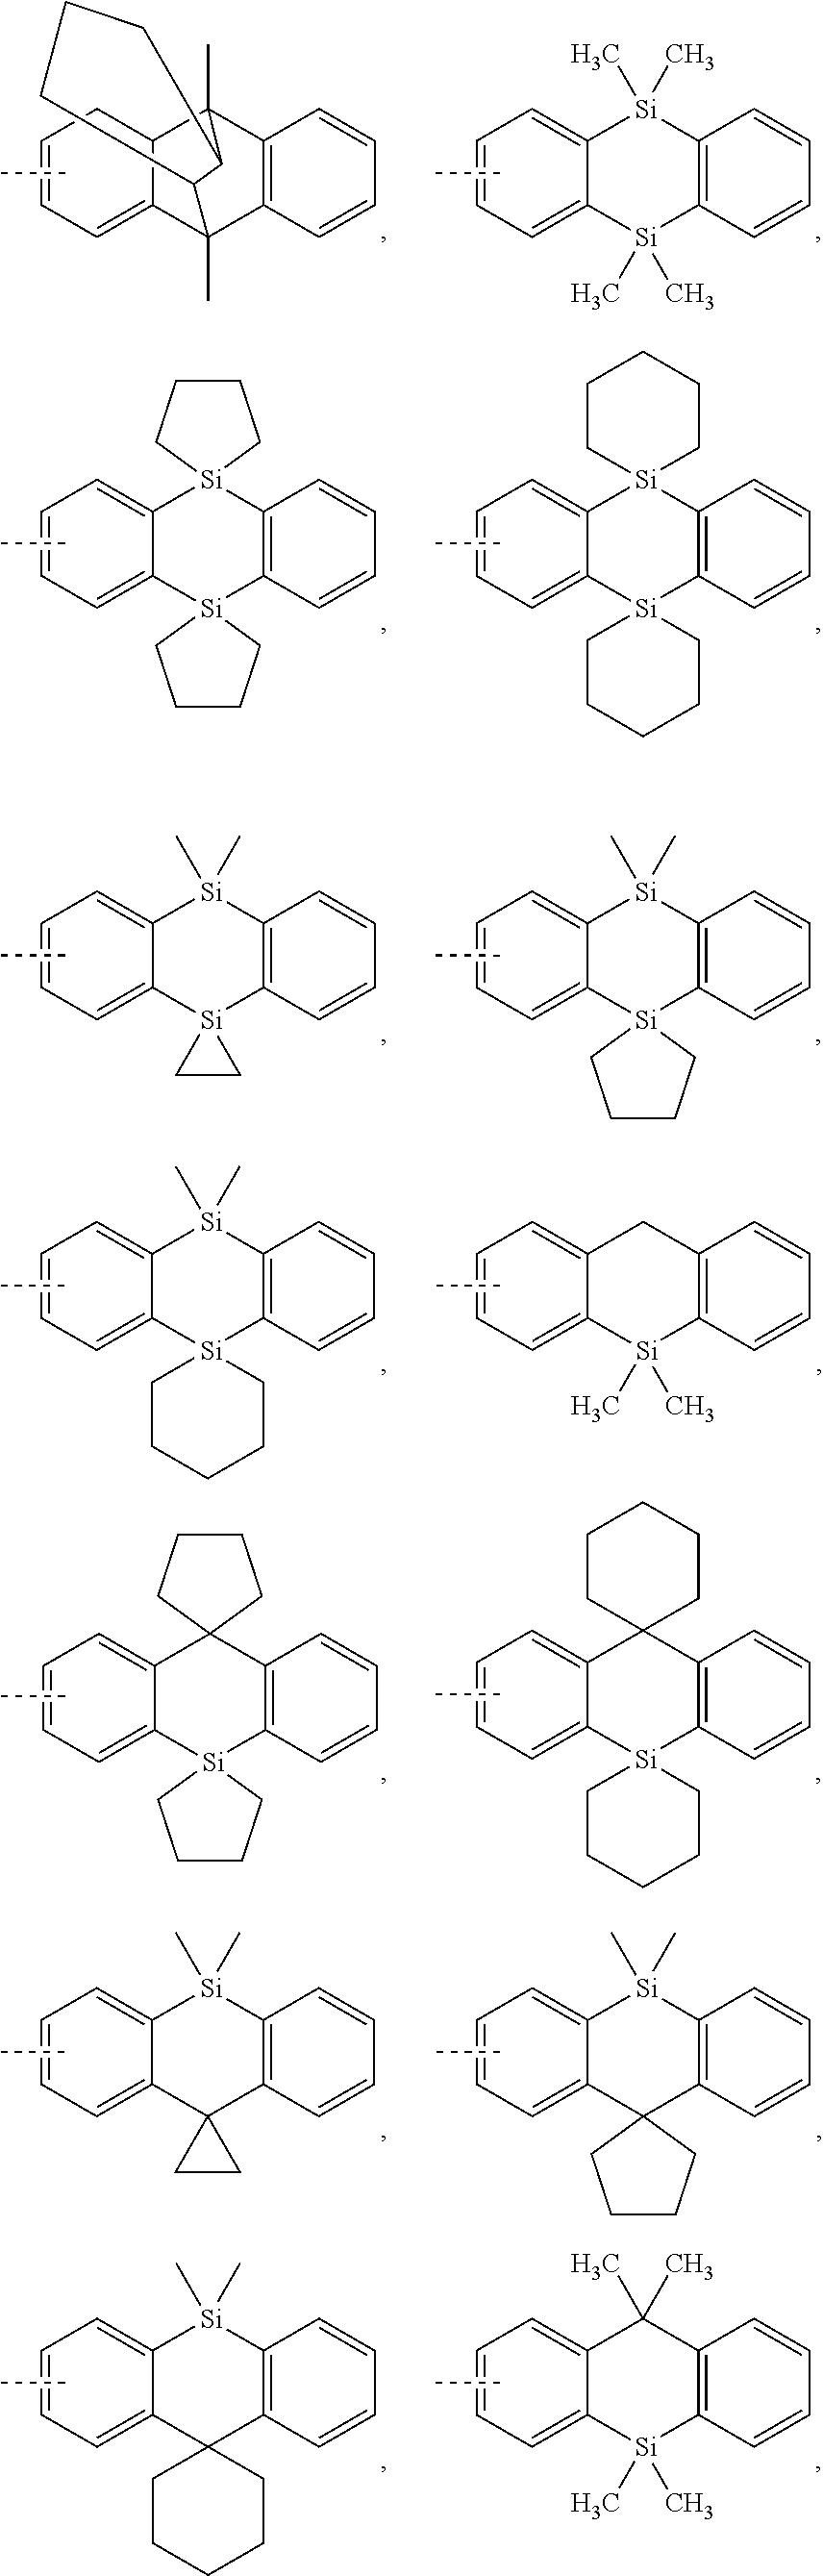 Figure US20180130962A1-20180510-C00222